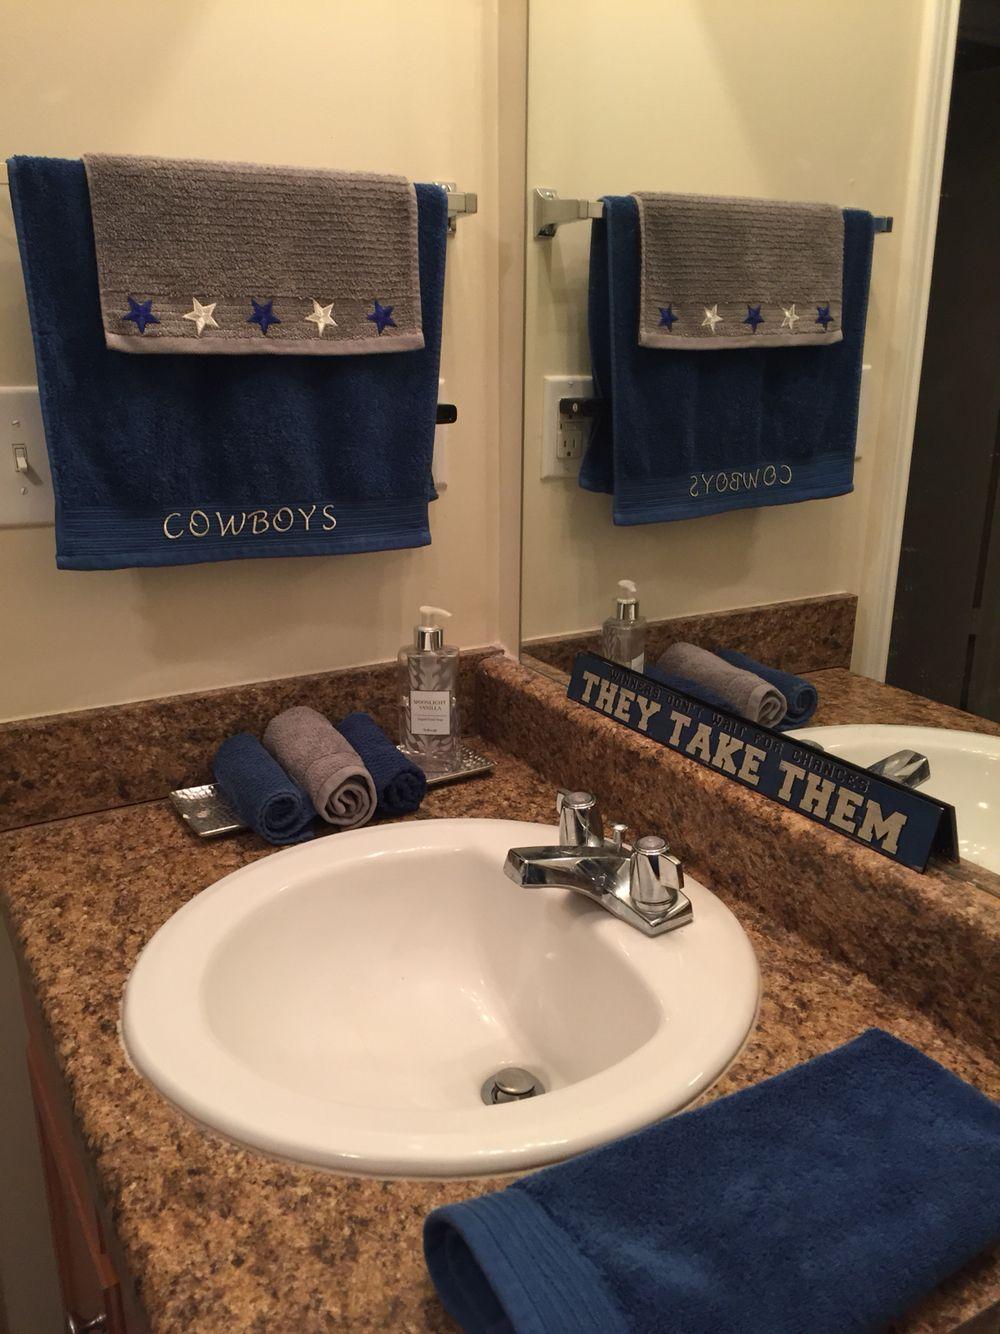 Dallas Cowboy Bathroom Redesign Dallas Cowboys Pinterest - Bathroom re design